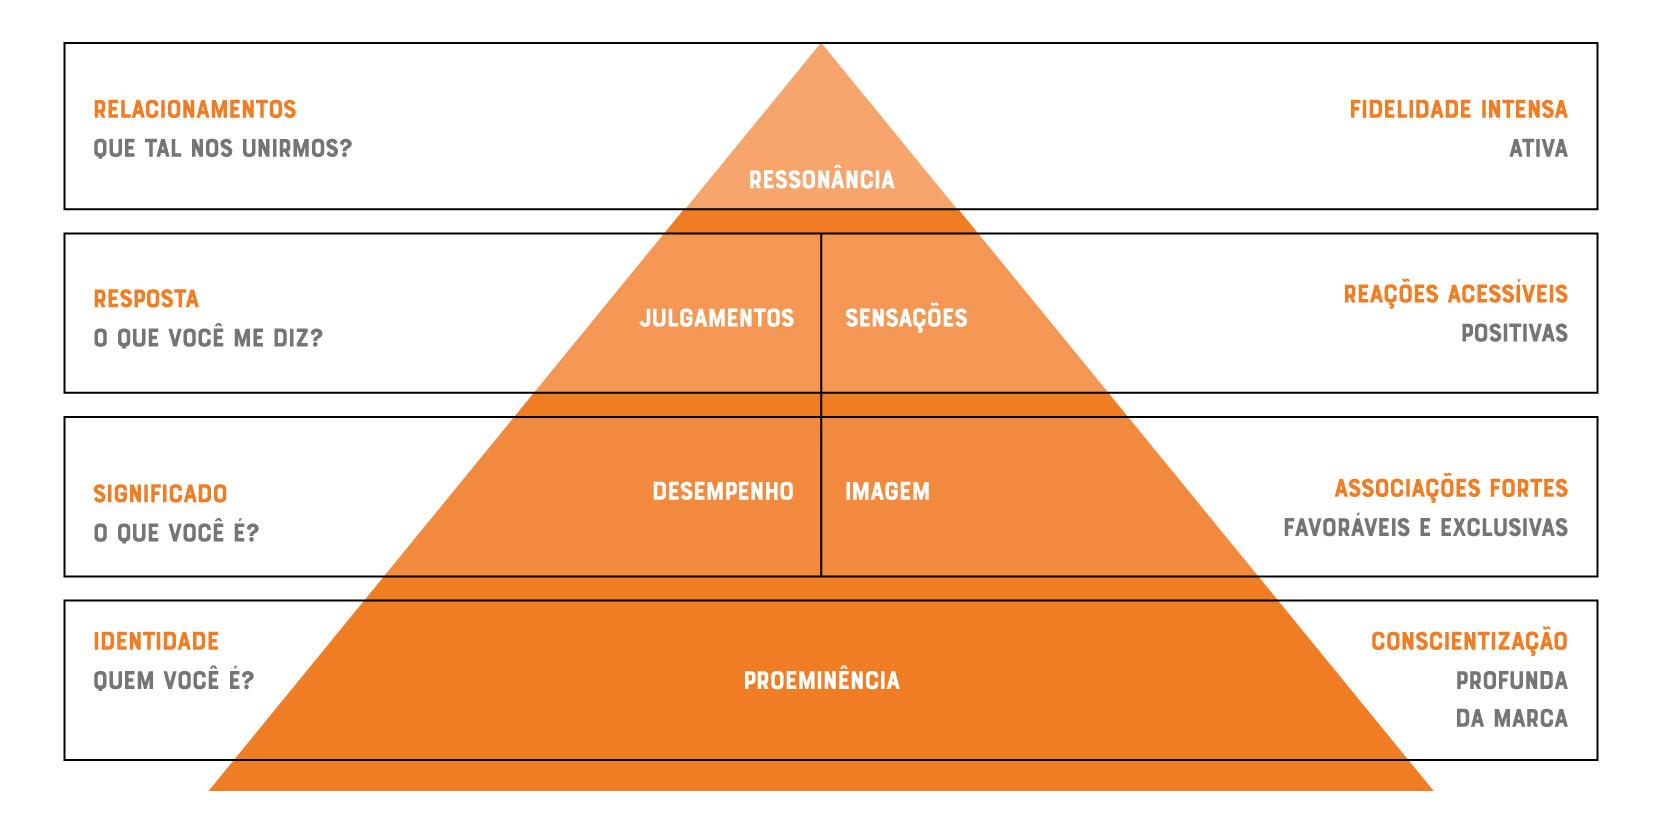 Pirâmide Brand Equity de Kotler e Keller